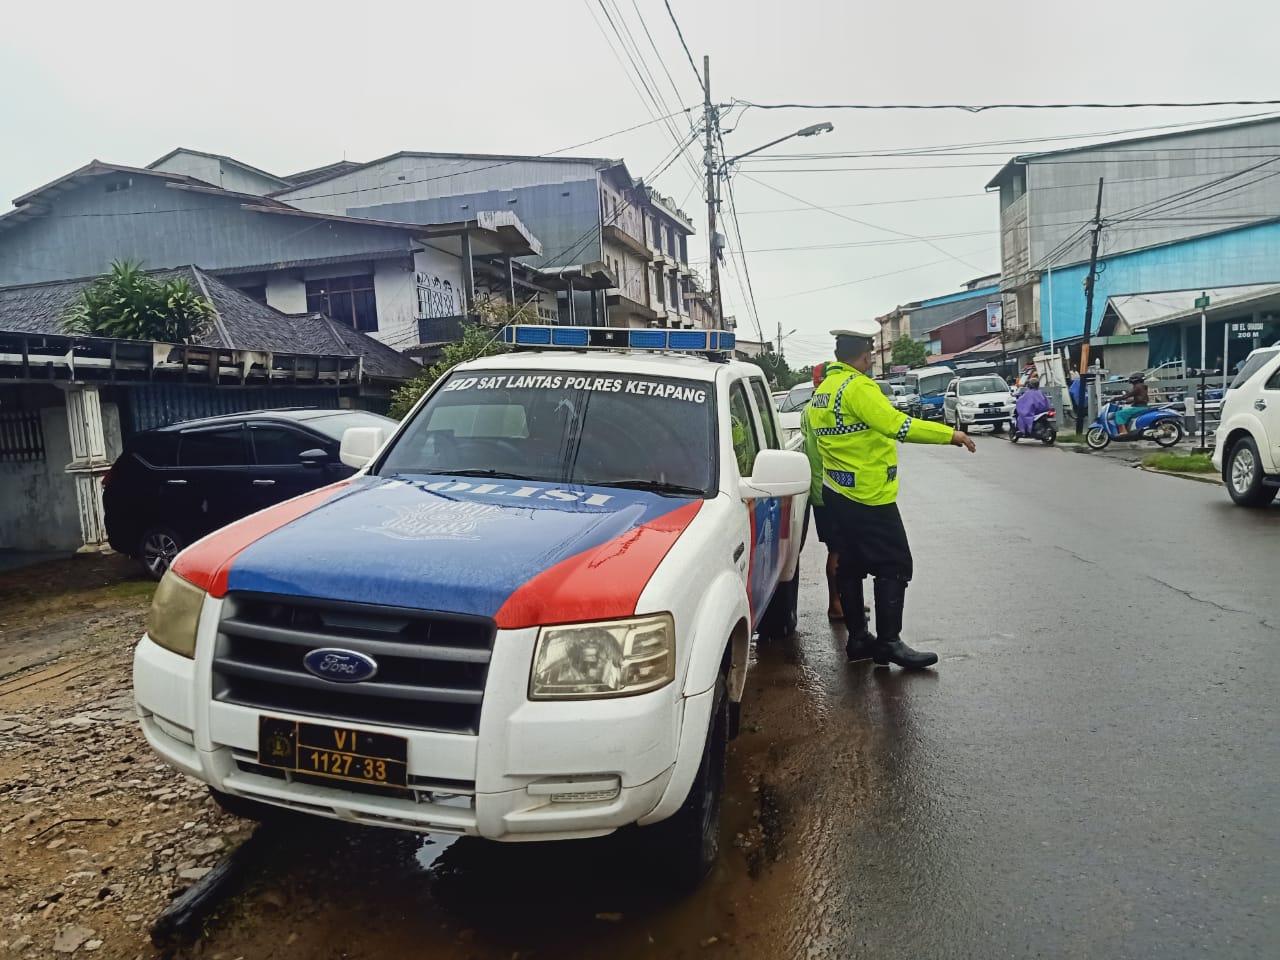 Walau Gerimis, Sat Lantas Polres Ketapang Tetap Melaksanakan patroli siang hari